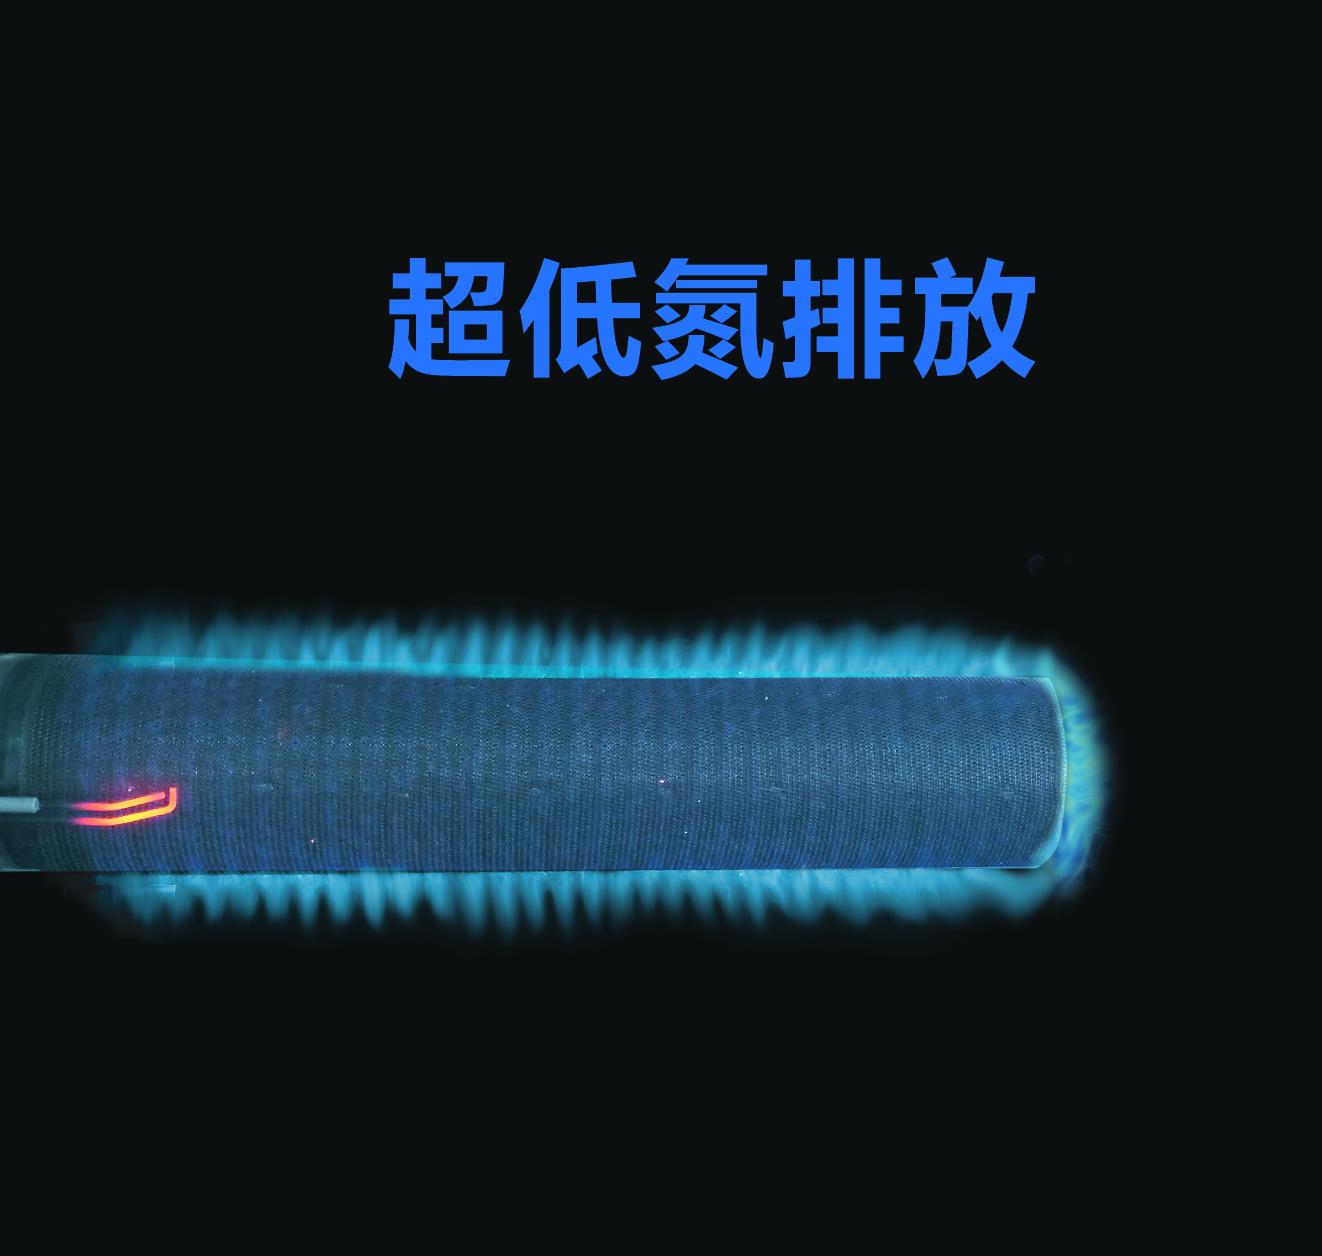 郑州低氮燃烧器销售 表面燃烧器销售 全预混燃烧器销售